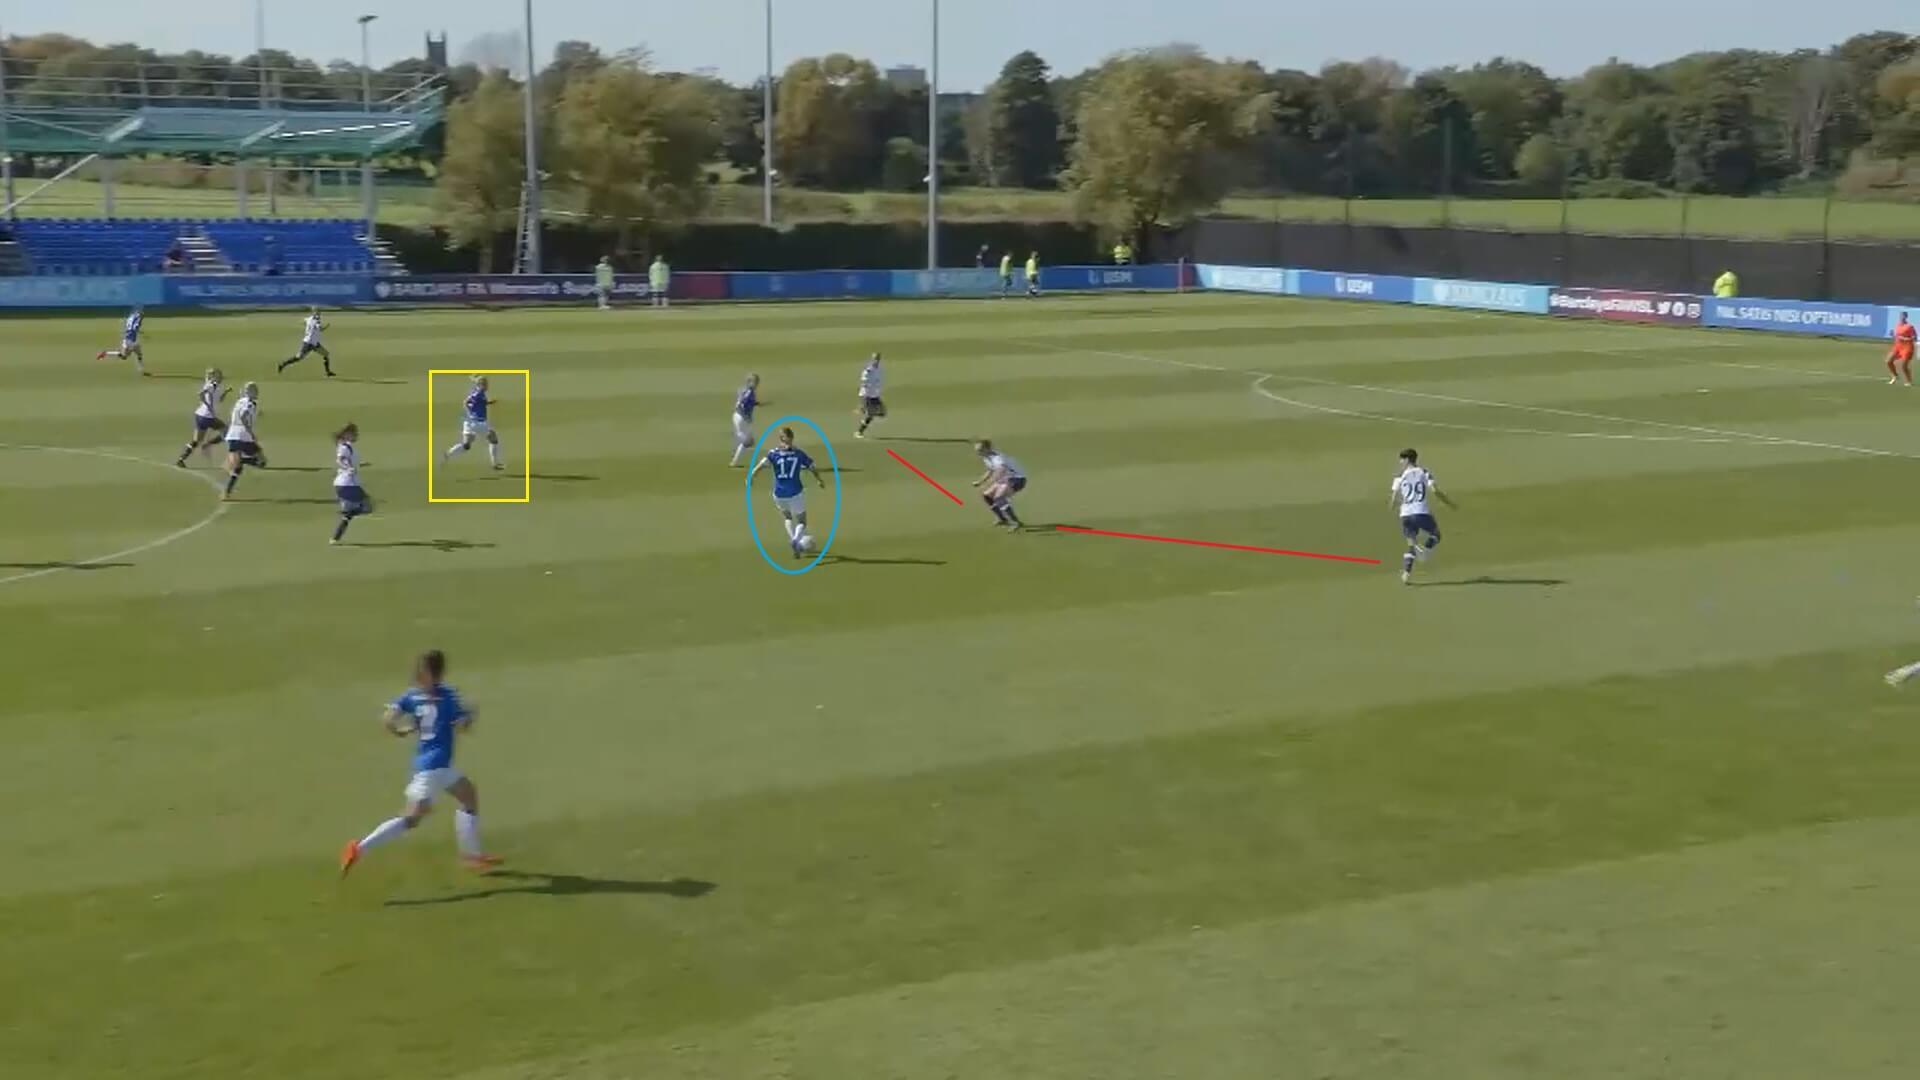 FAWSL 2020/2021: Everton Women v Tottenham Hotspur Women - tactical analysis tactics